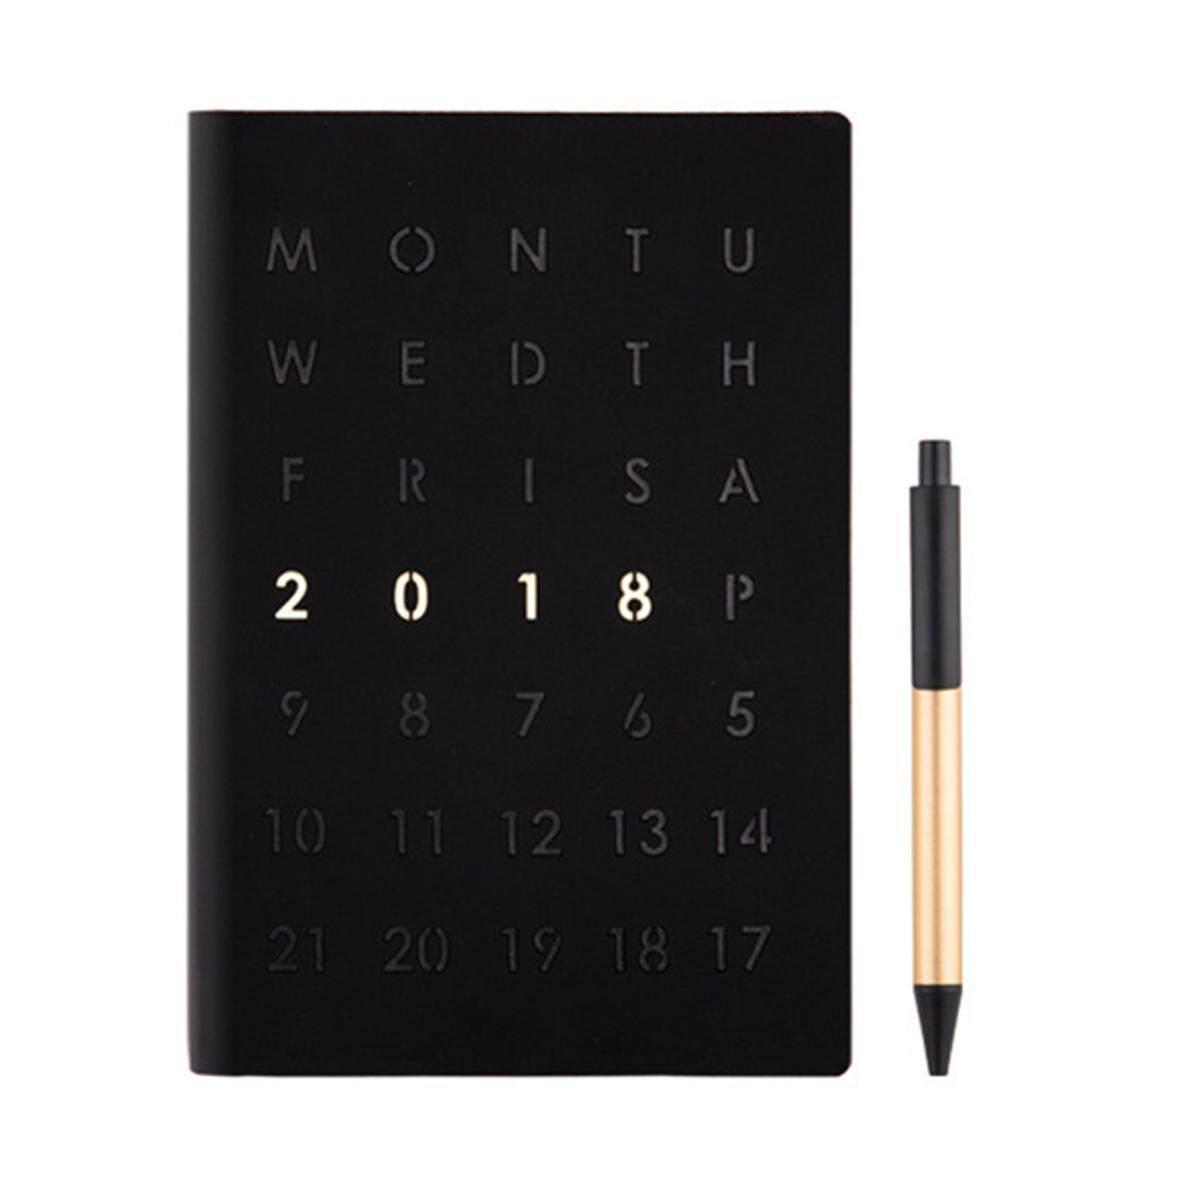 2018 สัปดาห์ดูหรือวันหน้าไดอารี่ & Planner ใน Slimline, Quarto, A5 หรือ A4  สีดำ - Intl.